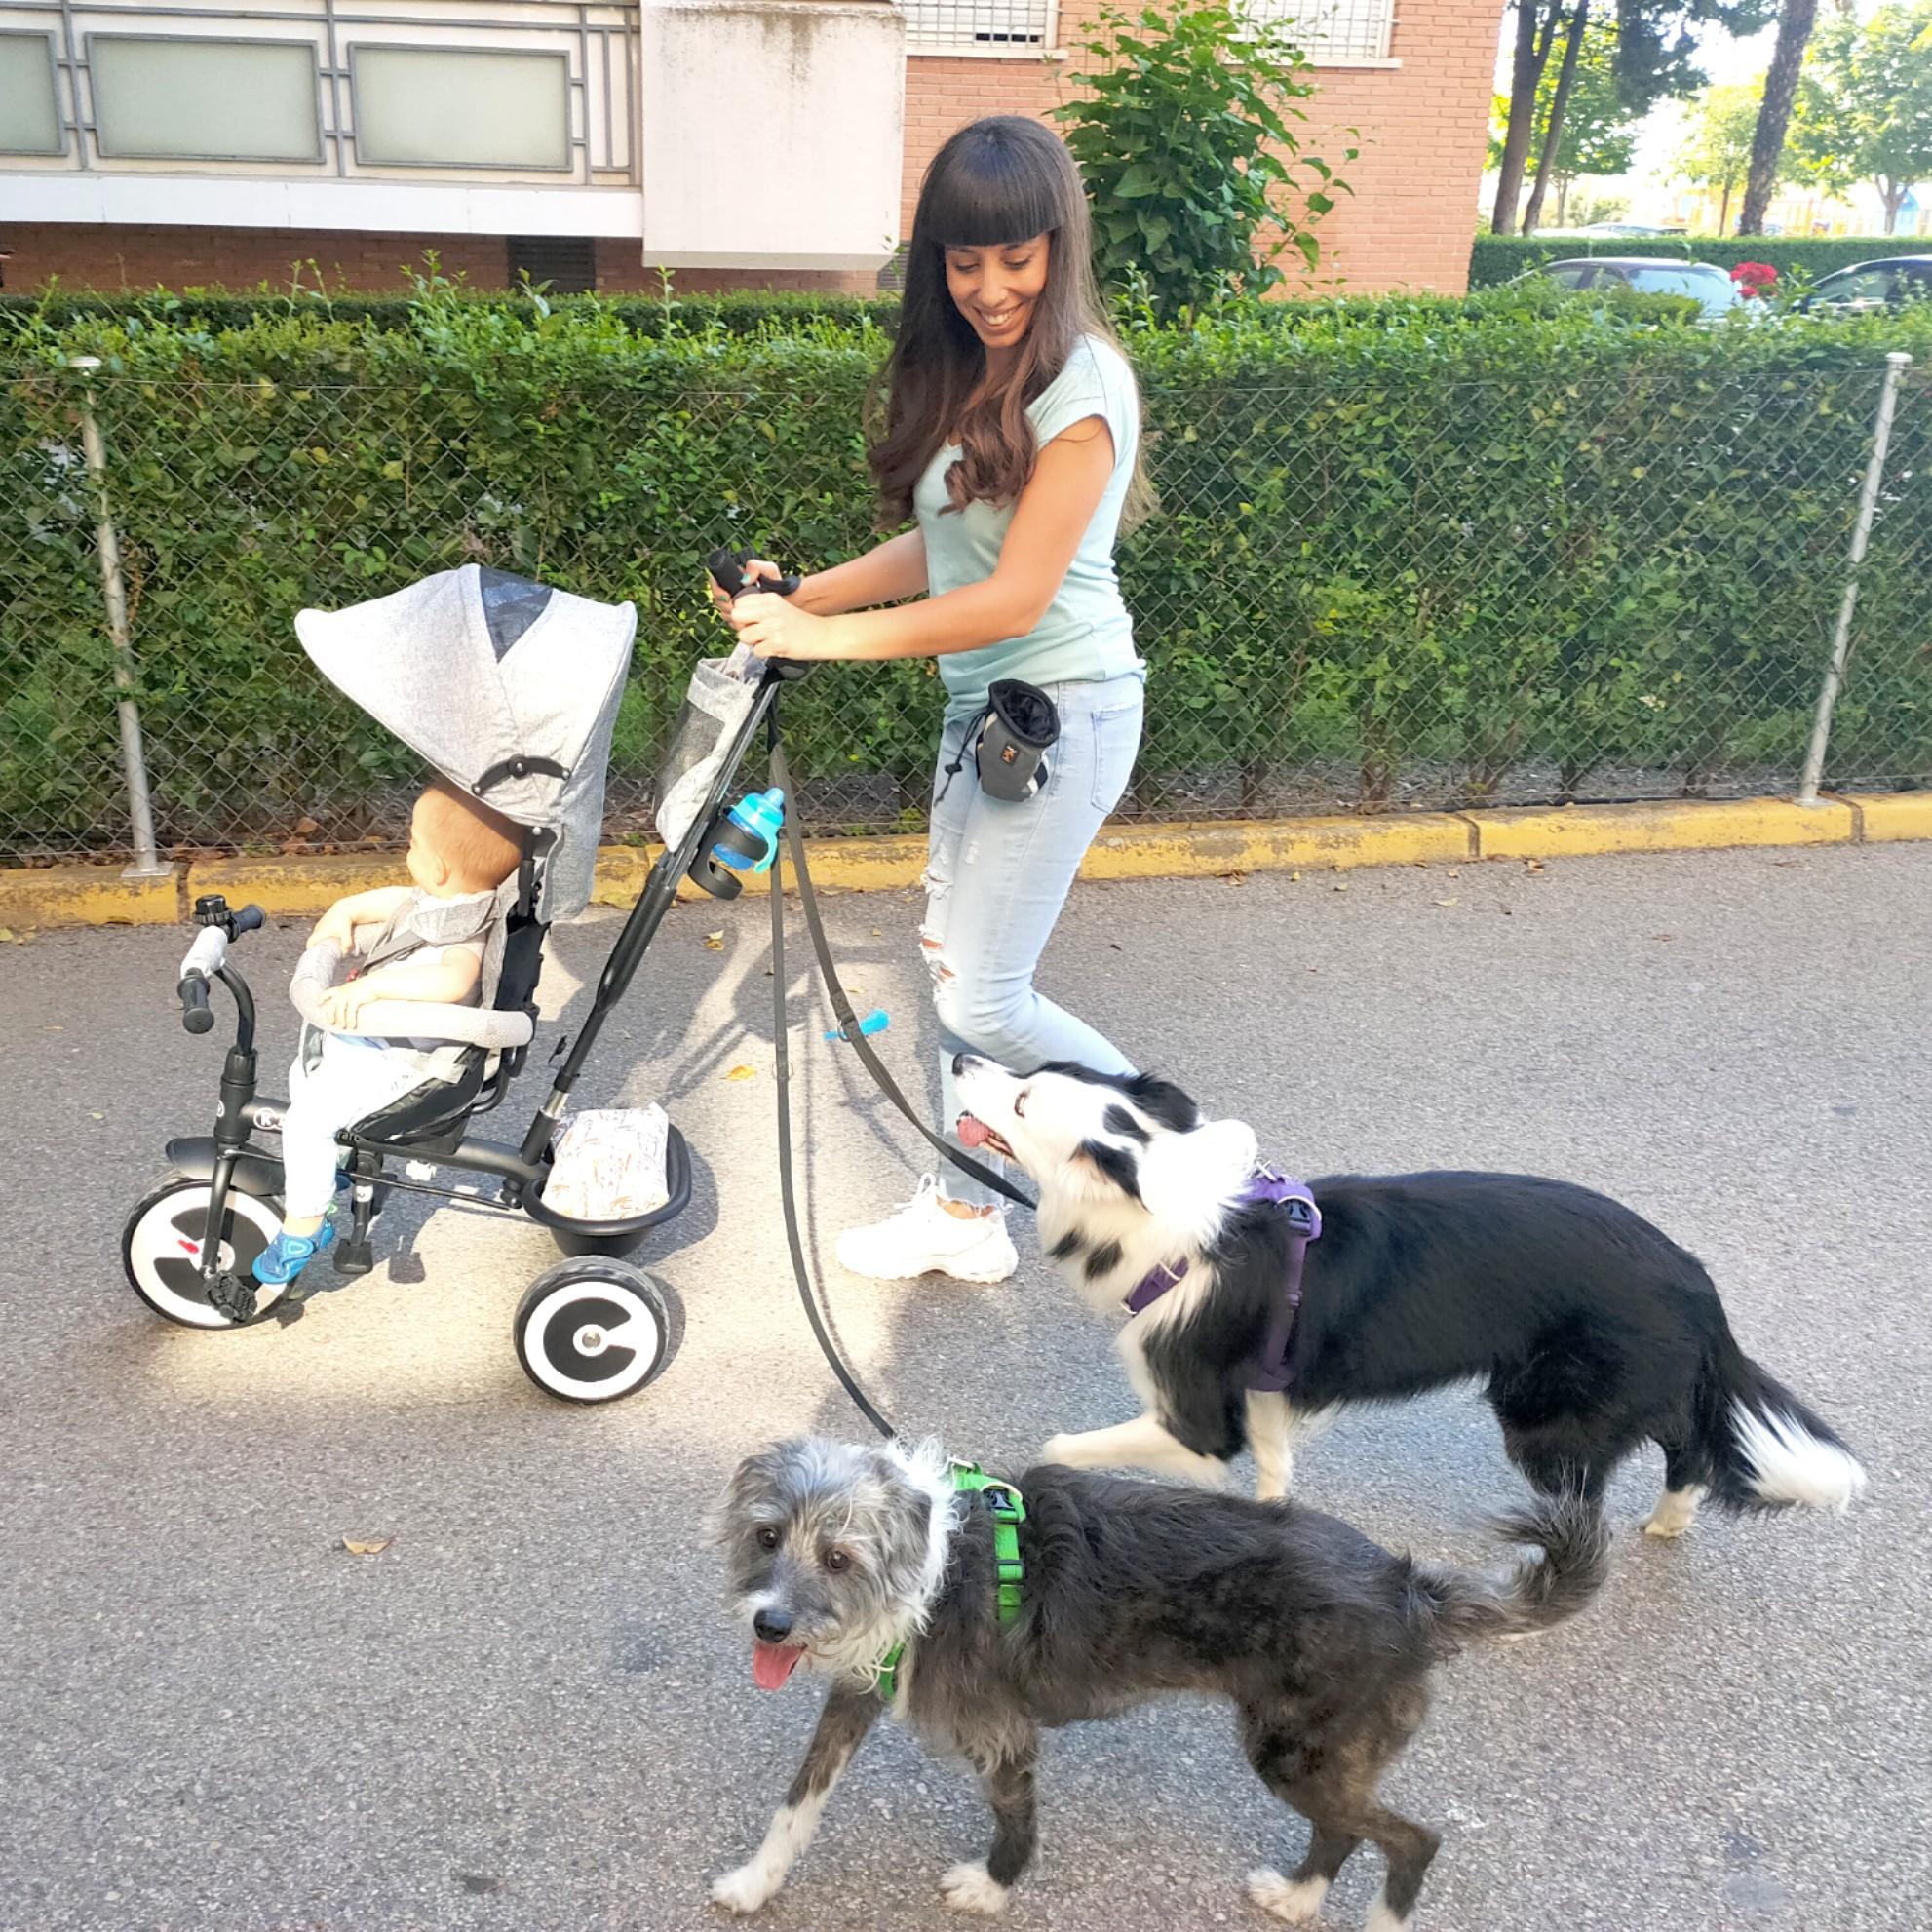 paseando con triciclo bebé y perros